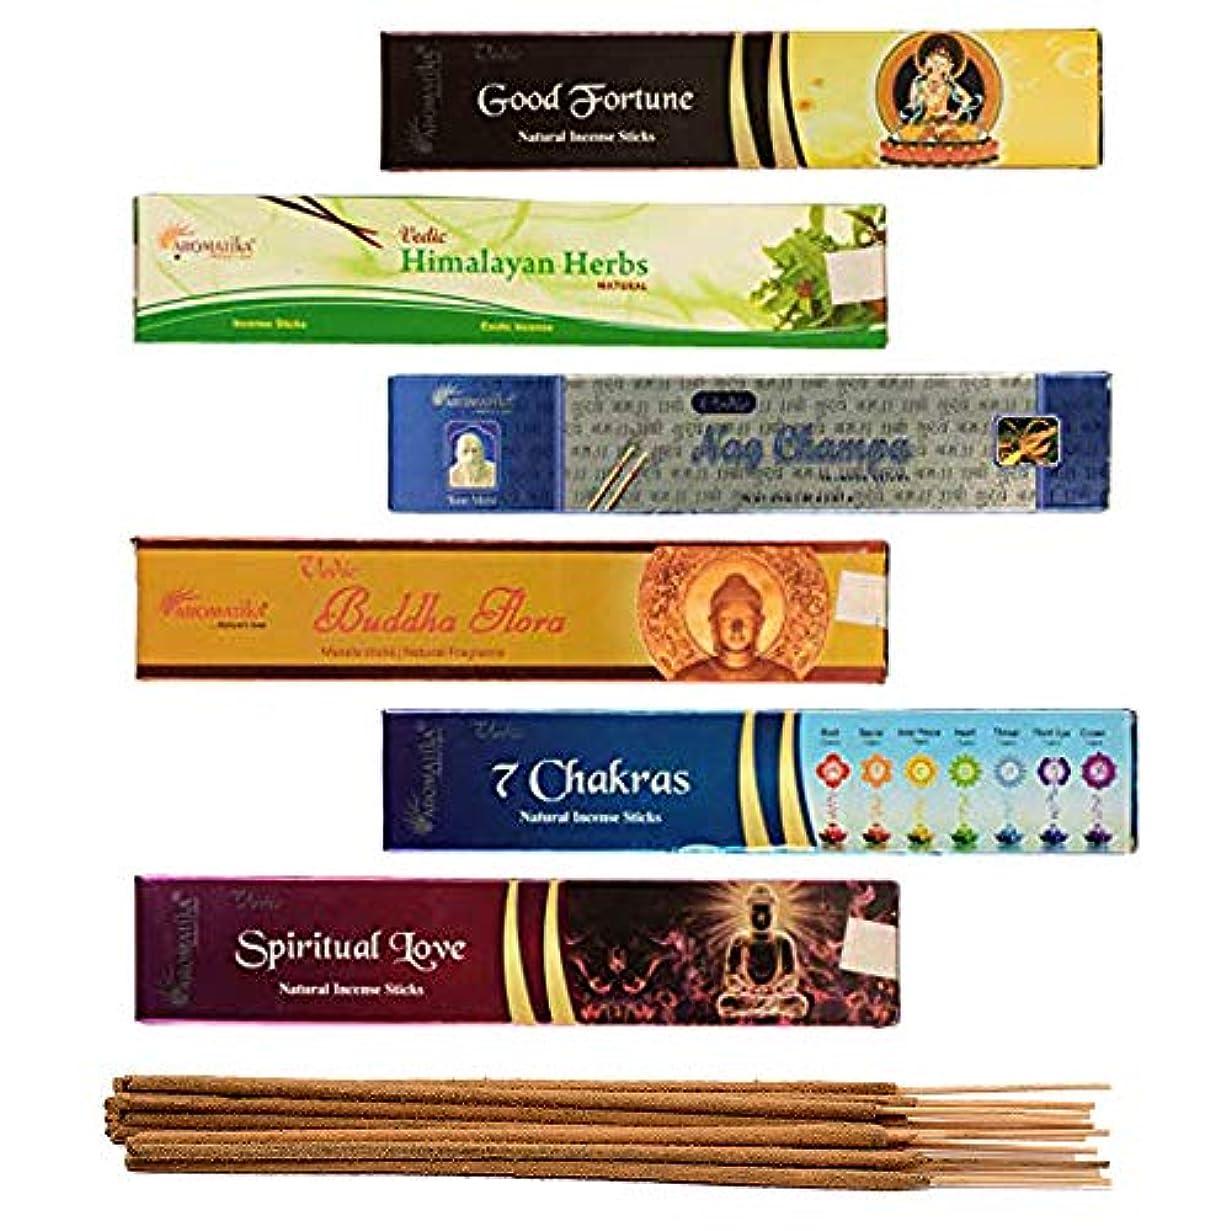 快適つかの間孤児aromatika 6 Assorted Masala Incense Sticks Vedic Nag Champa、7チャクラ、ブッダFlora、Himalayanハーブ、Good Fortune、Spiritual...